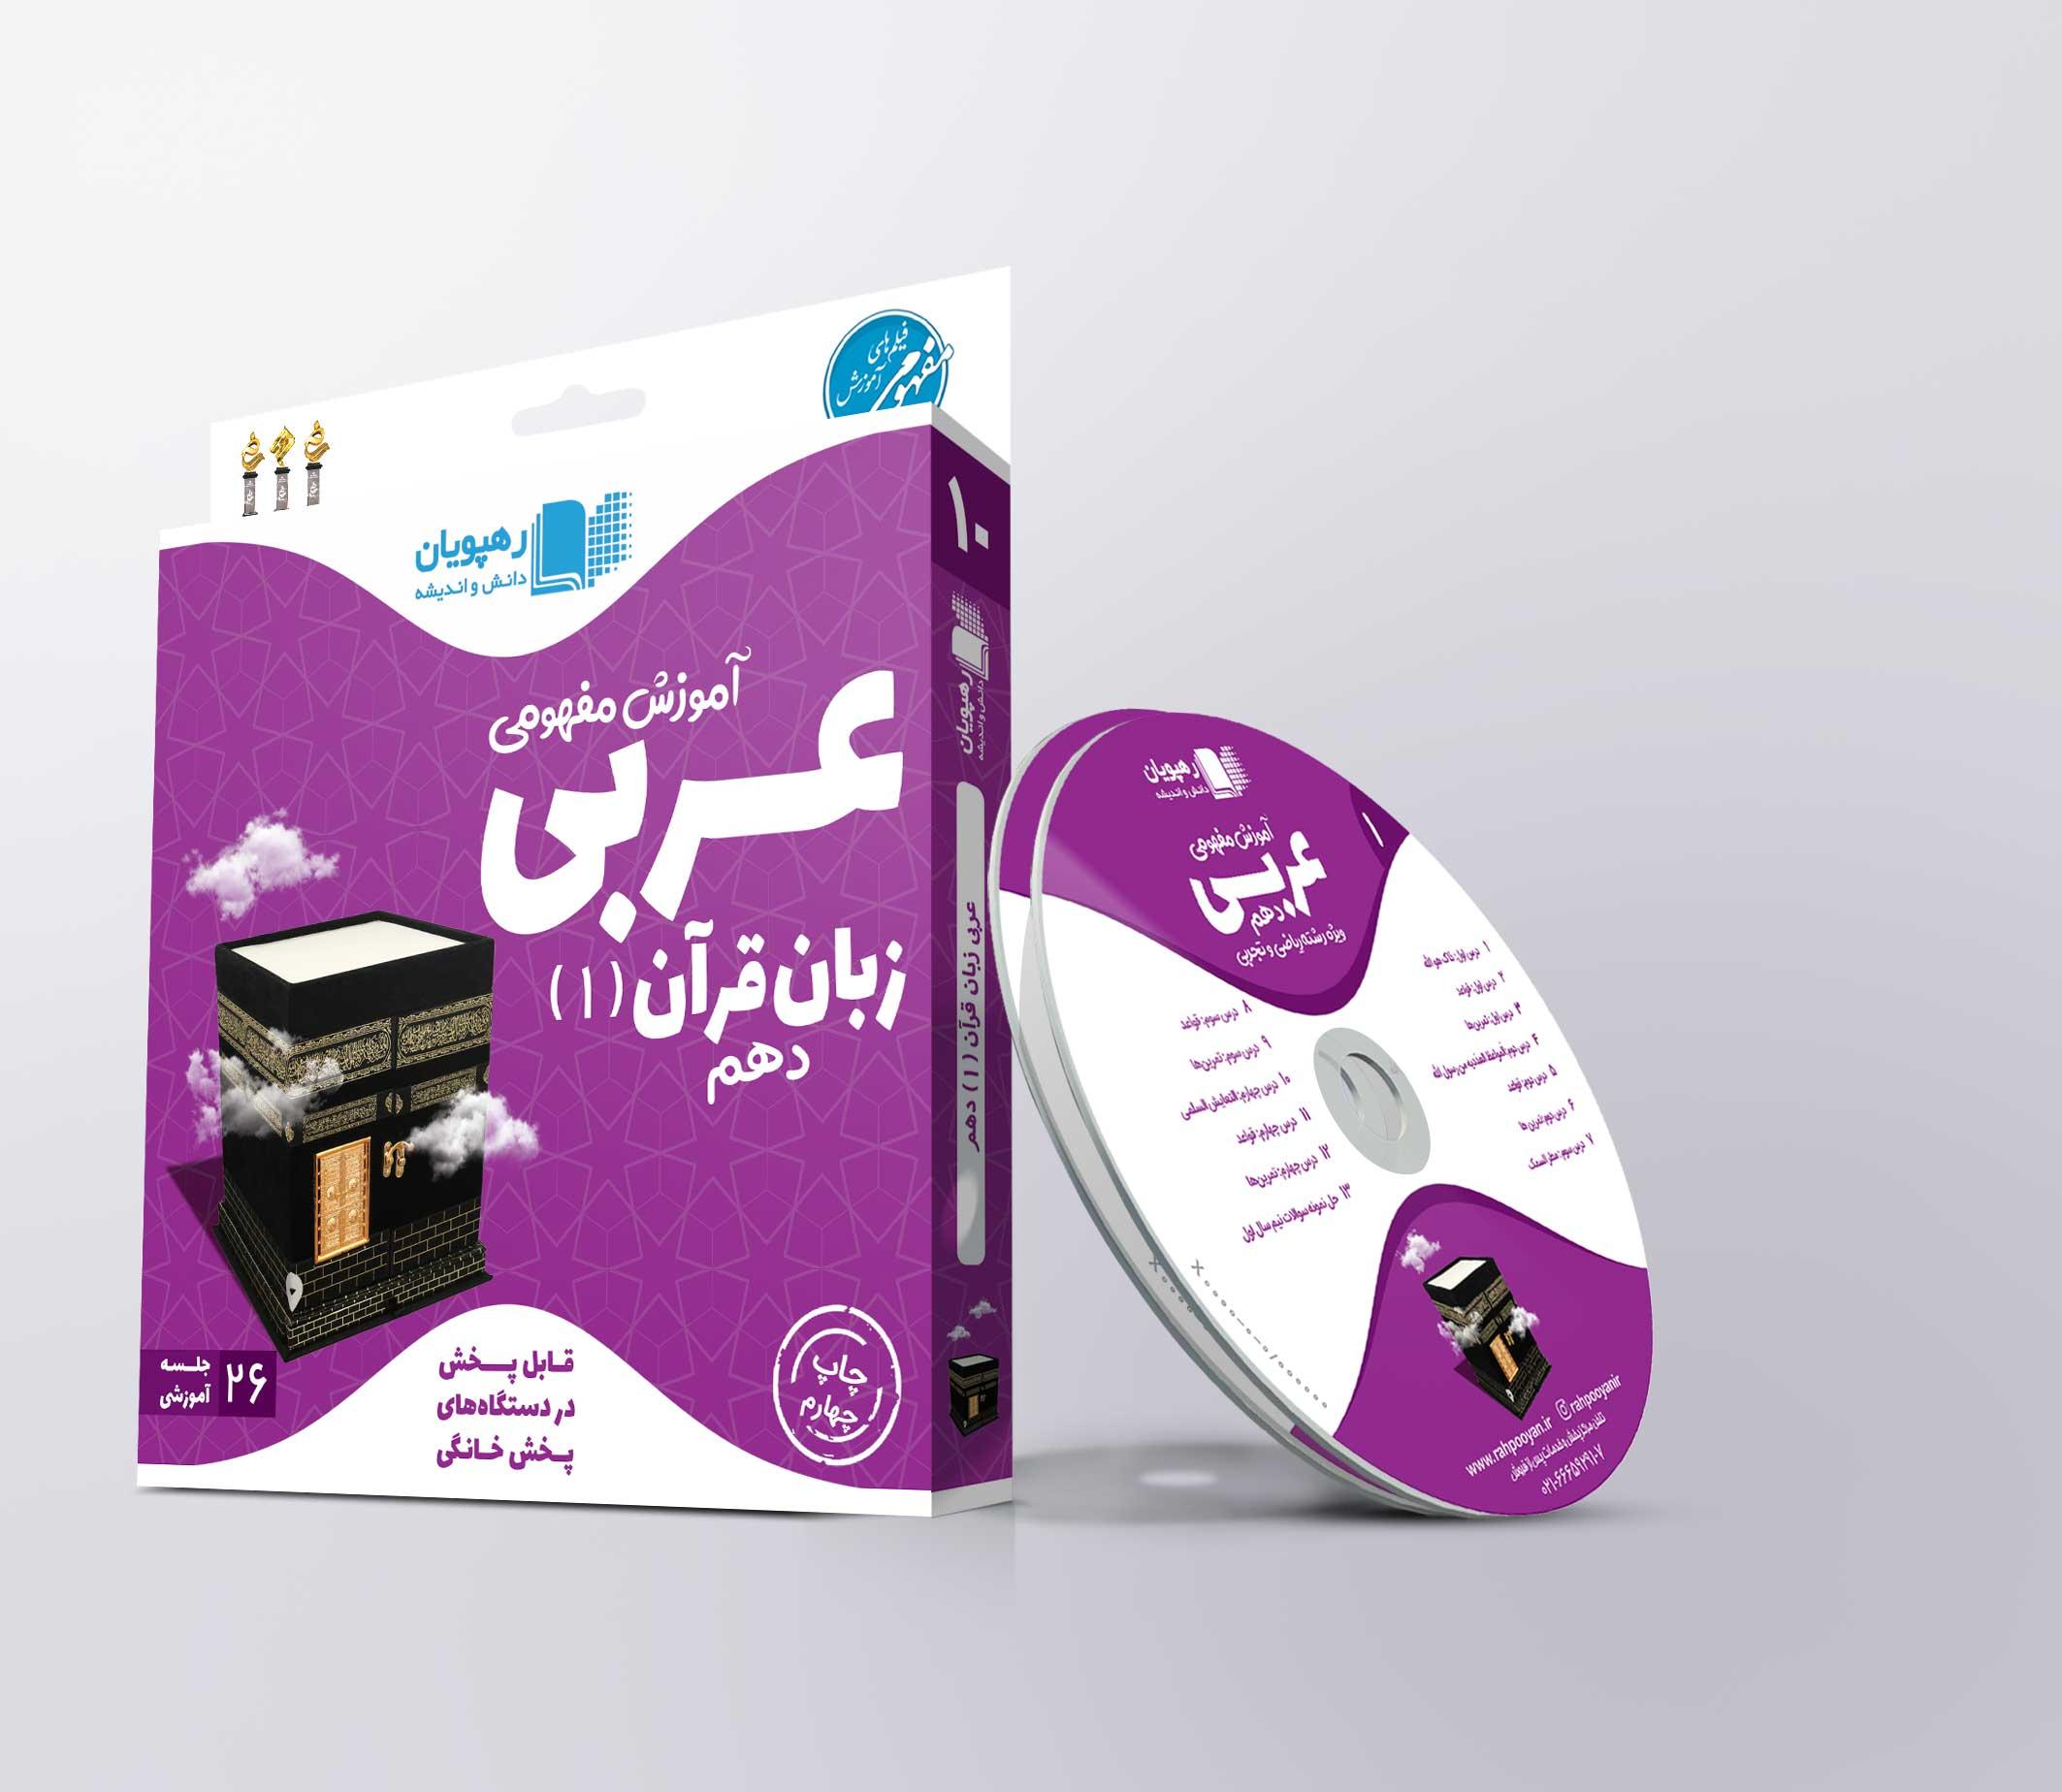 کتاب دی وی دی آموزش مفهومی عربی دهم